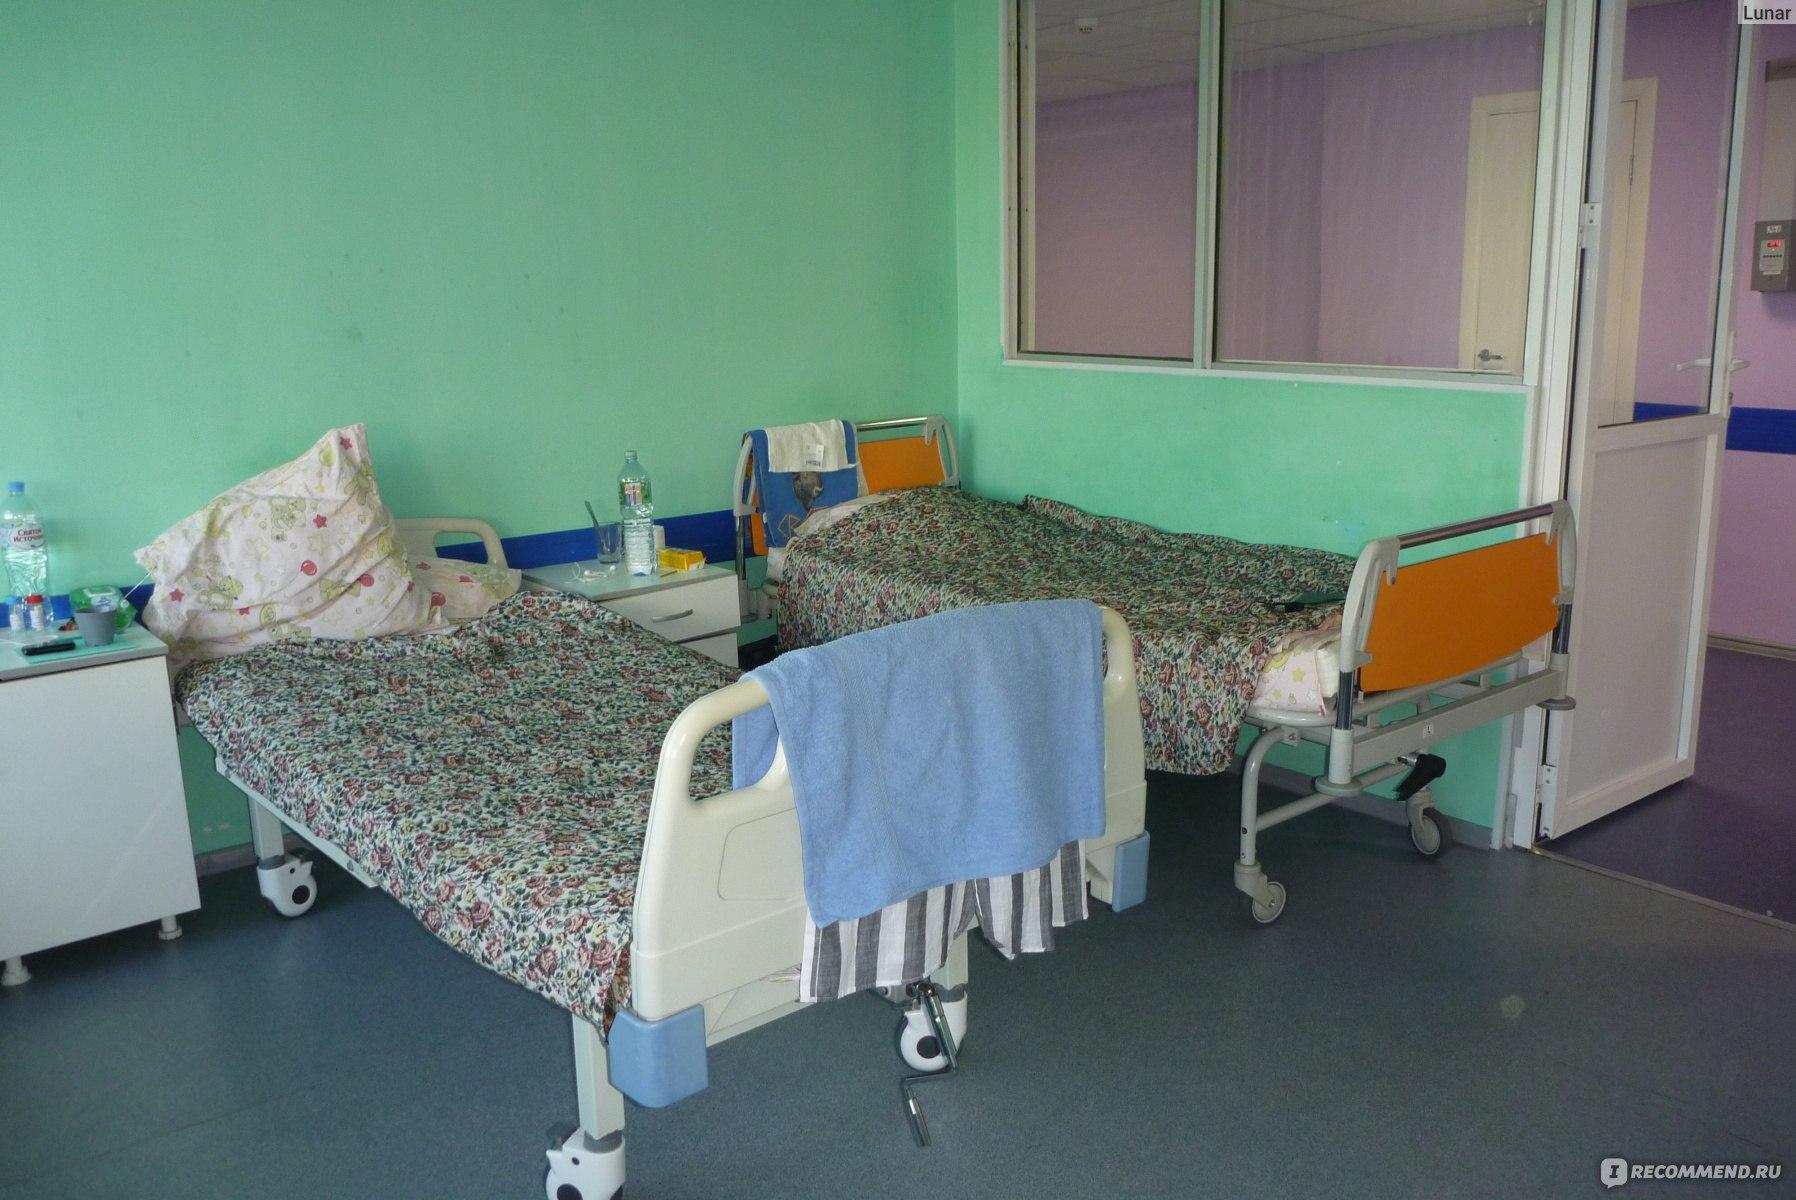 Практически каждый день кого-то переводили в инфекционку, детишки просто начинали заболевать один за другим.